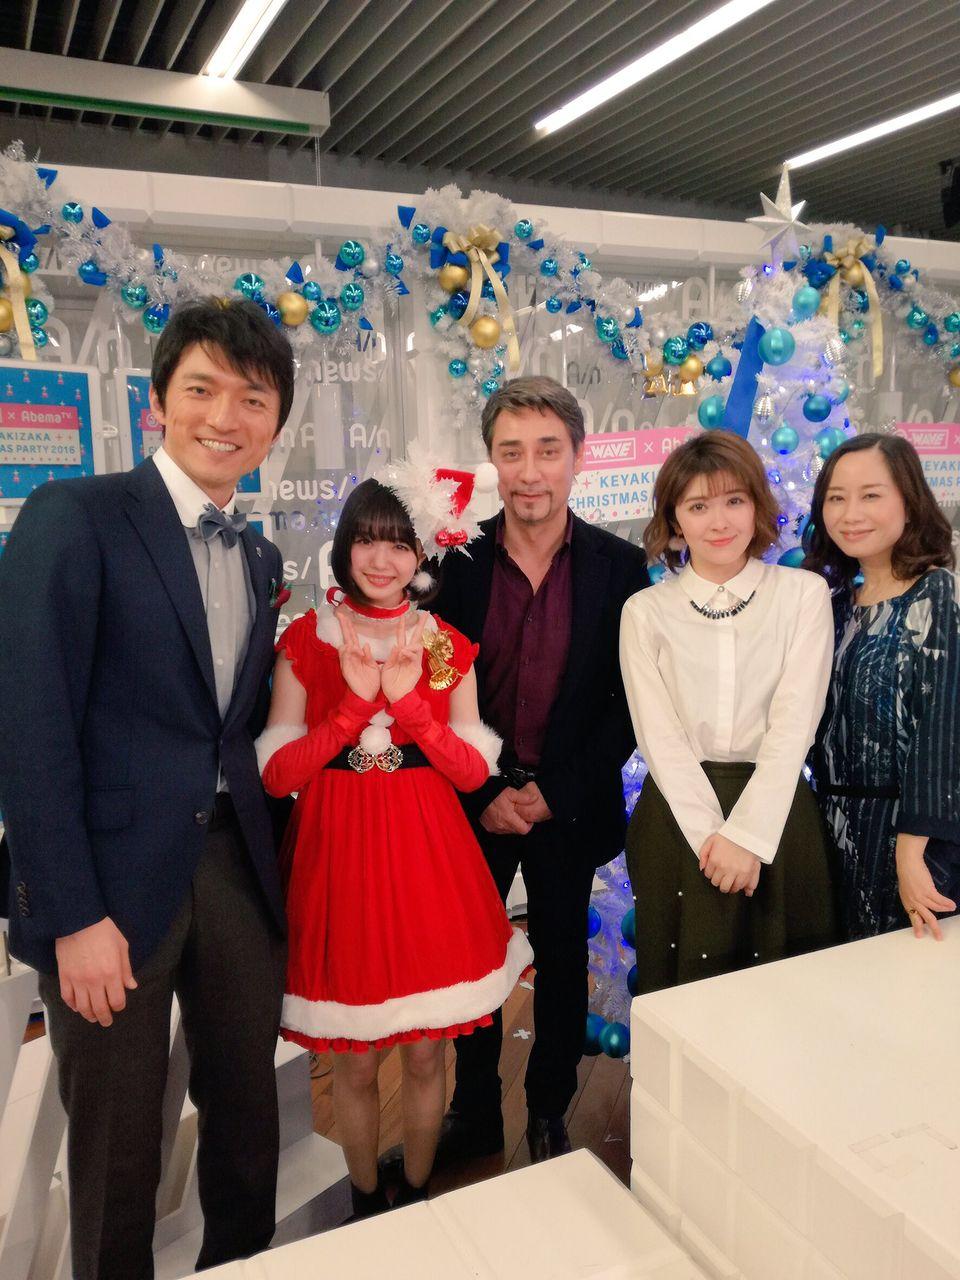 【NMB48】市川美織のサンタコスプレを見たクリス・ペプラー